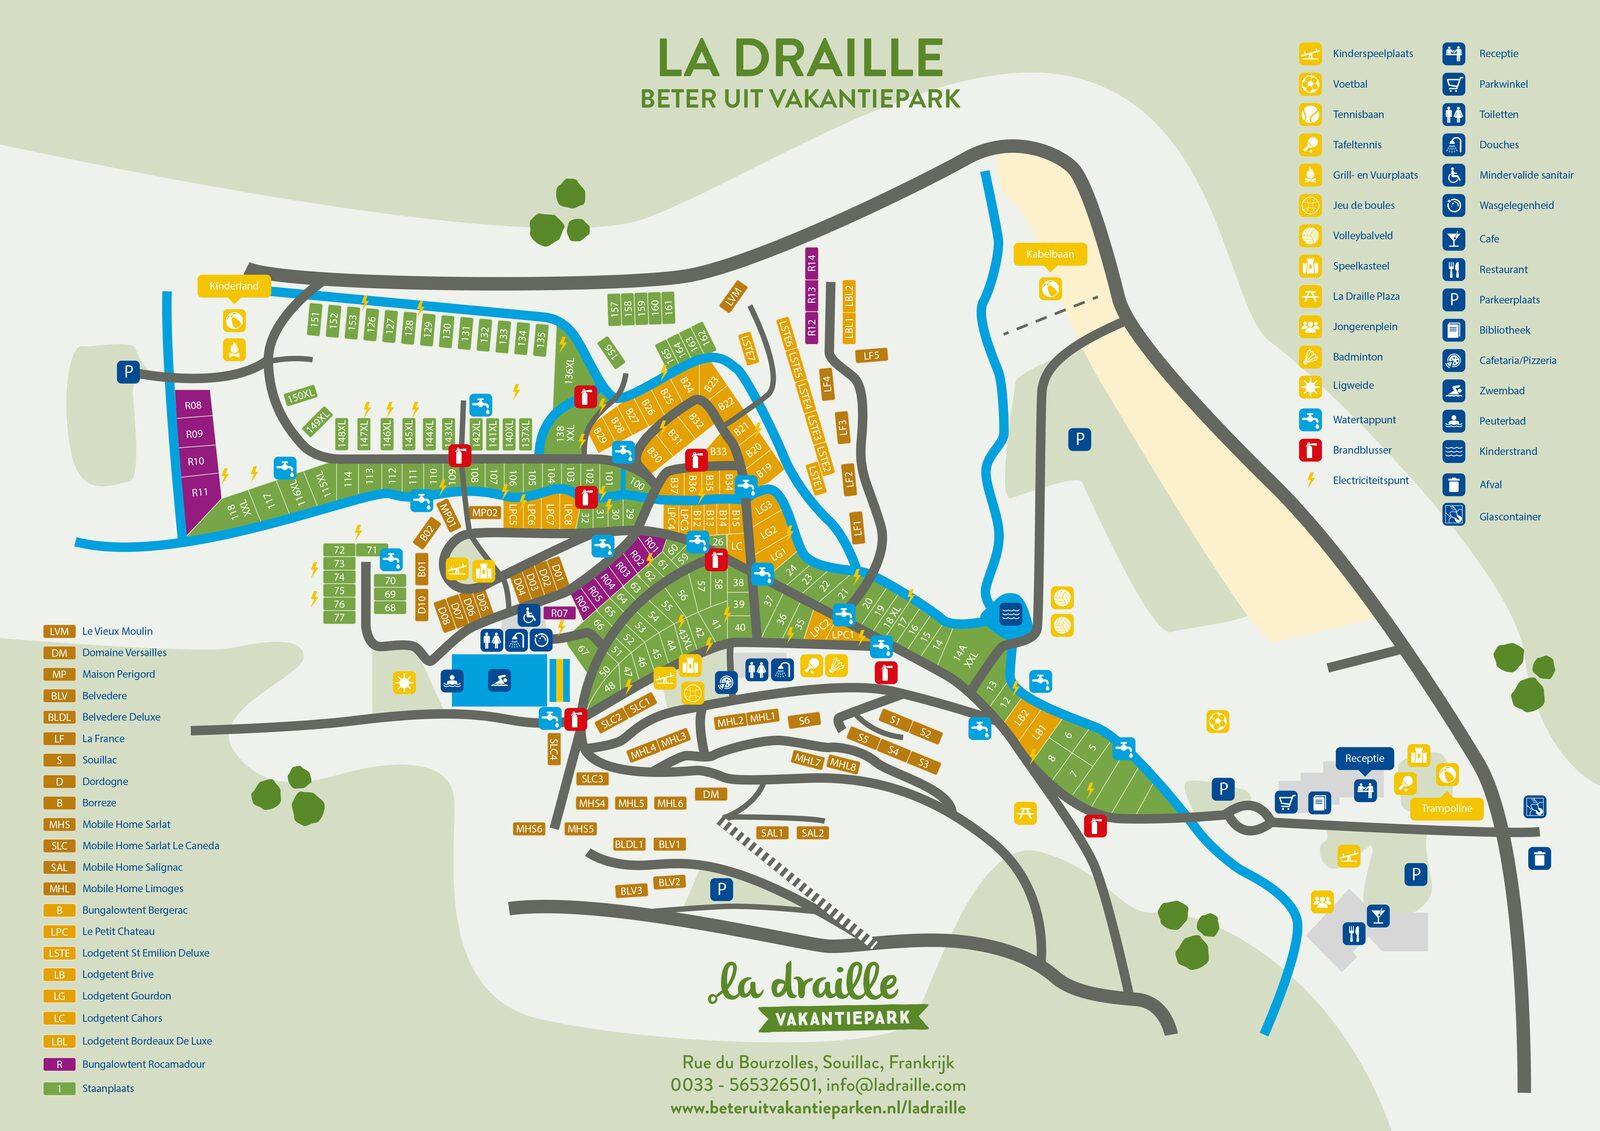 Carte du parc de vacances La Draille de Beter Uit